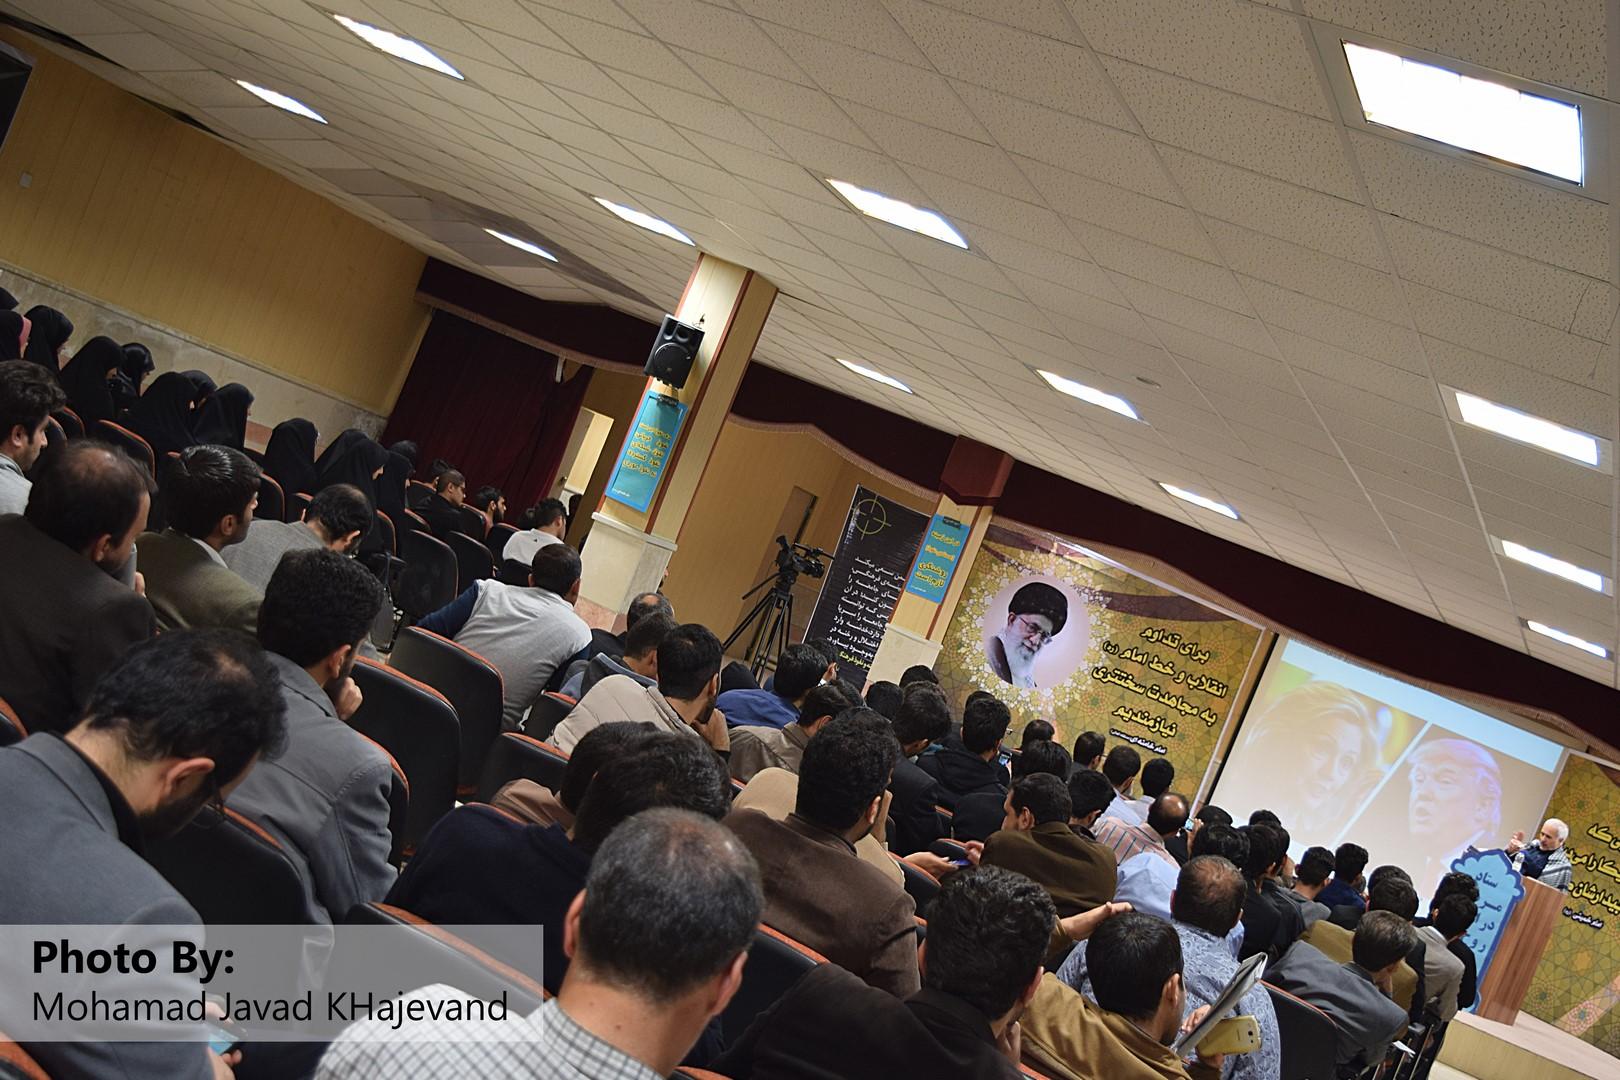 سخنرانی استاد حسن عباسی در دانشکده علوم قرآنی کرمانشاه - و اینک جهاد کبیر